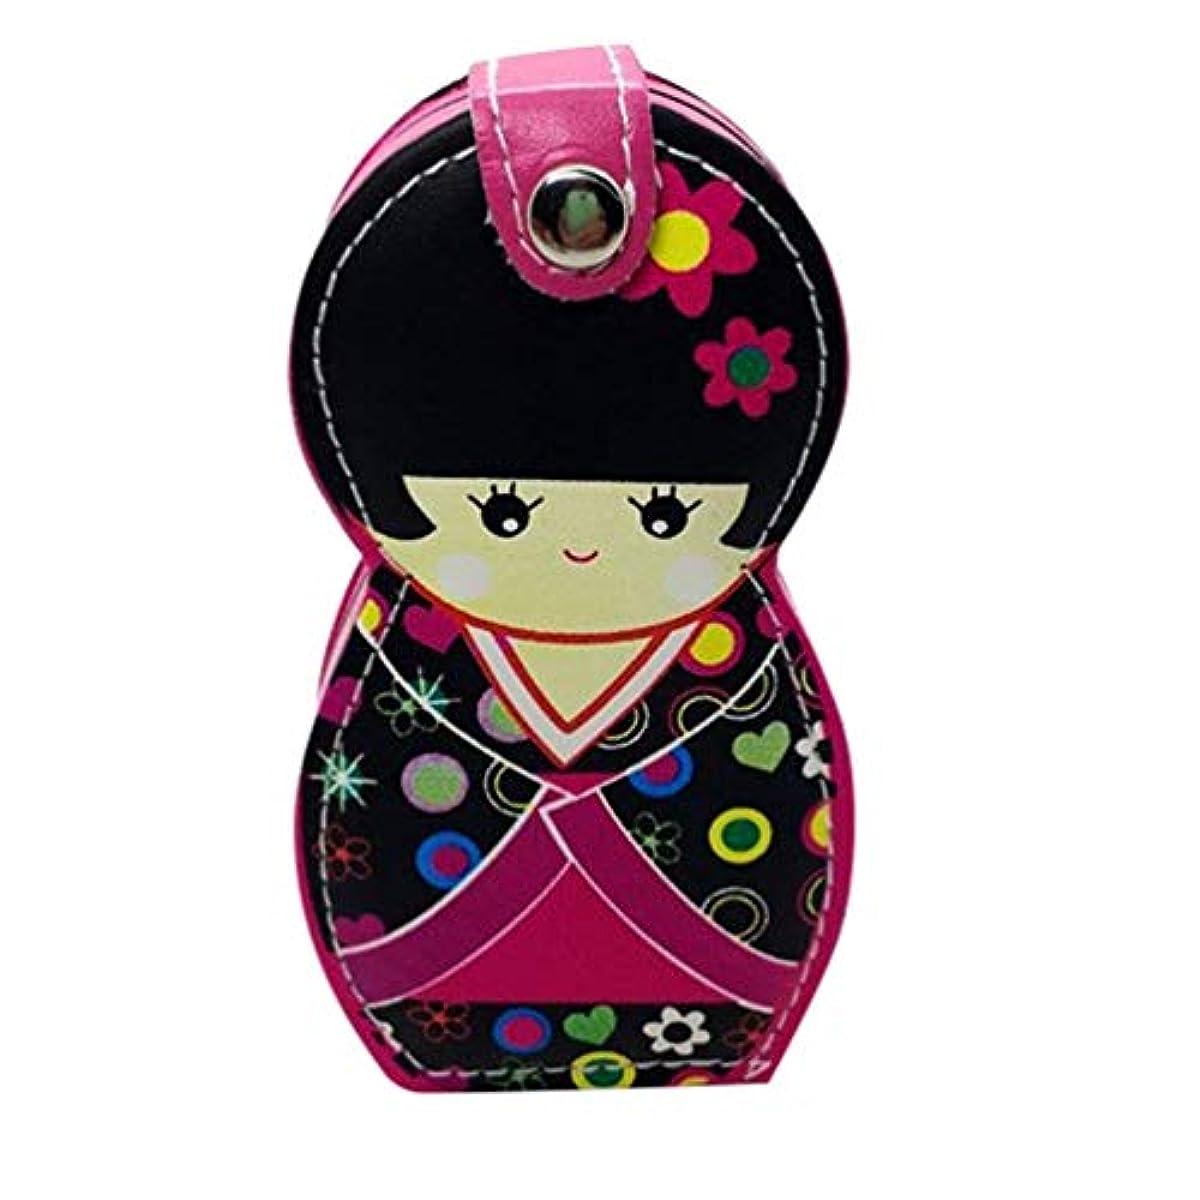 無関心次へ気になるHongma ネイルケアセット マニキュアセット 可愛い 日本人形 ロシア人形 グルーミングキット 爪やすり 爪切りセット 携帯便利 収納ケース付き (日本人形ピンク)